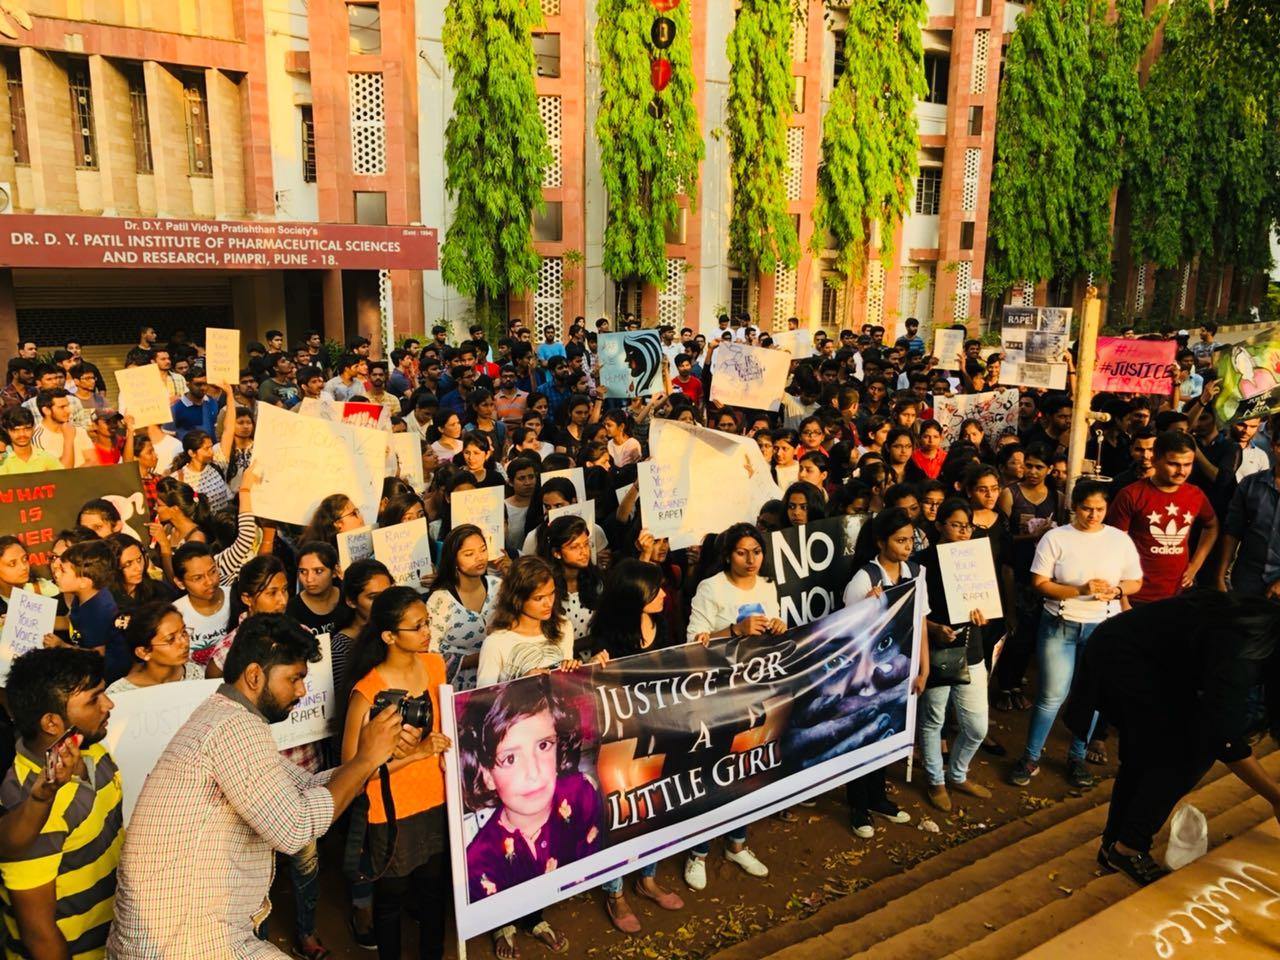 'असिफा'ला न्याय मिळावा, म्हणून पिंपरीतील  विद्यार्थ्यांचा कॅण्डल मार्च